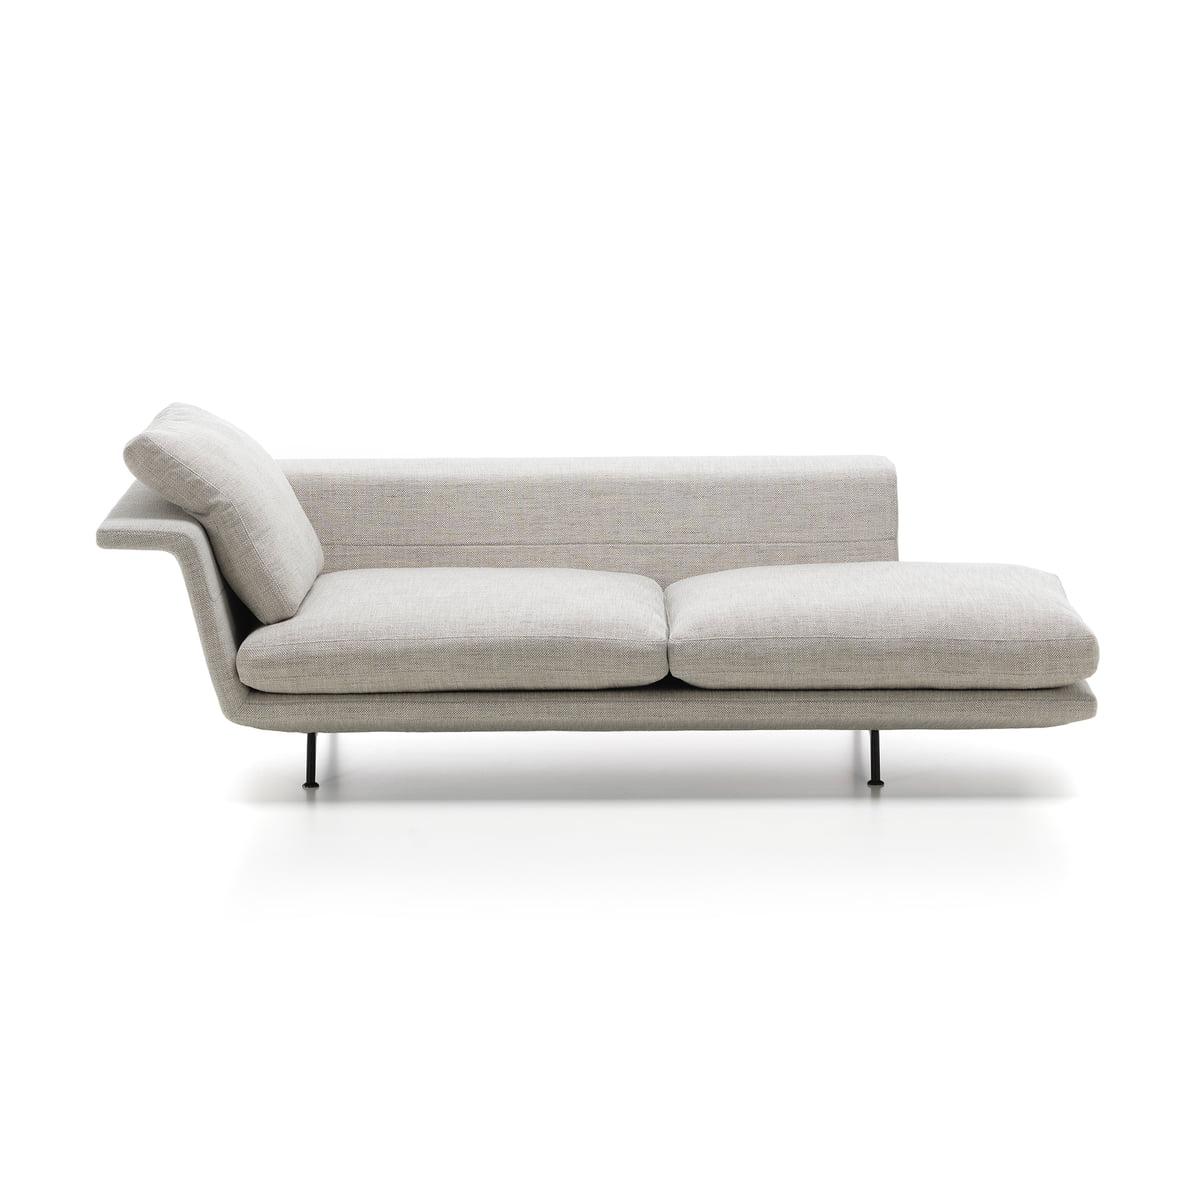 Schon Grand Sofa Von Vitra Als Chaiselongue Ohne Heftung In Beige